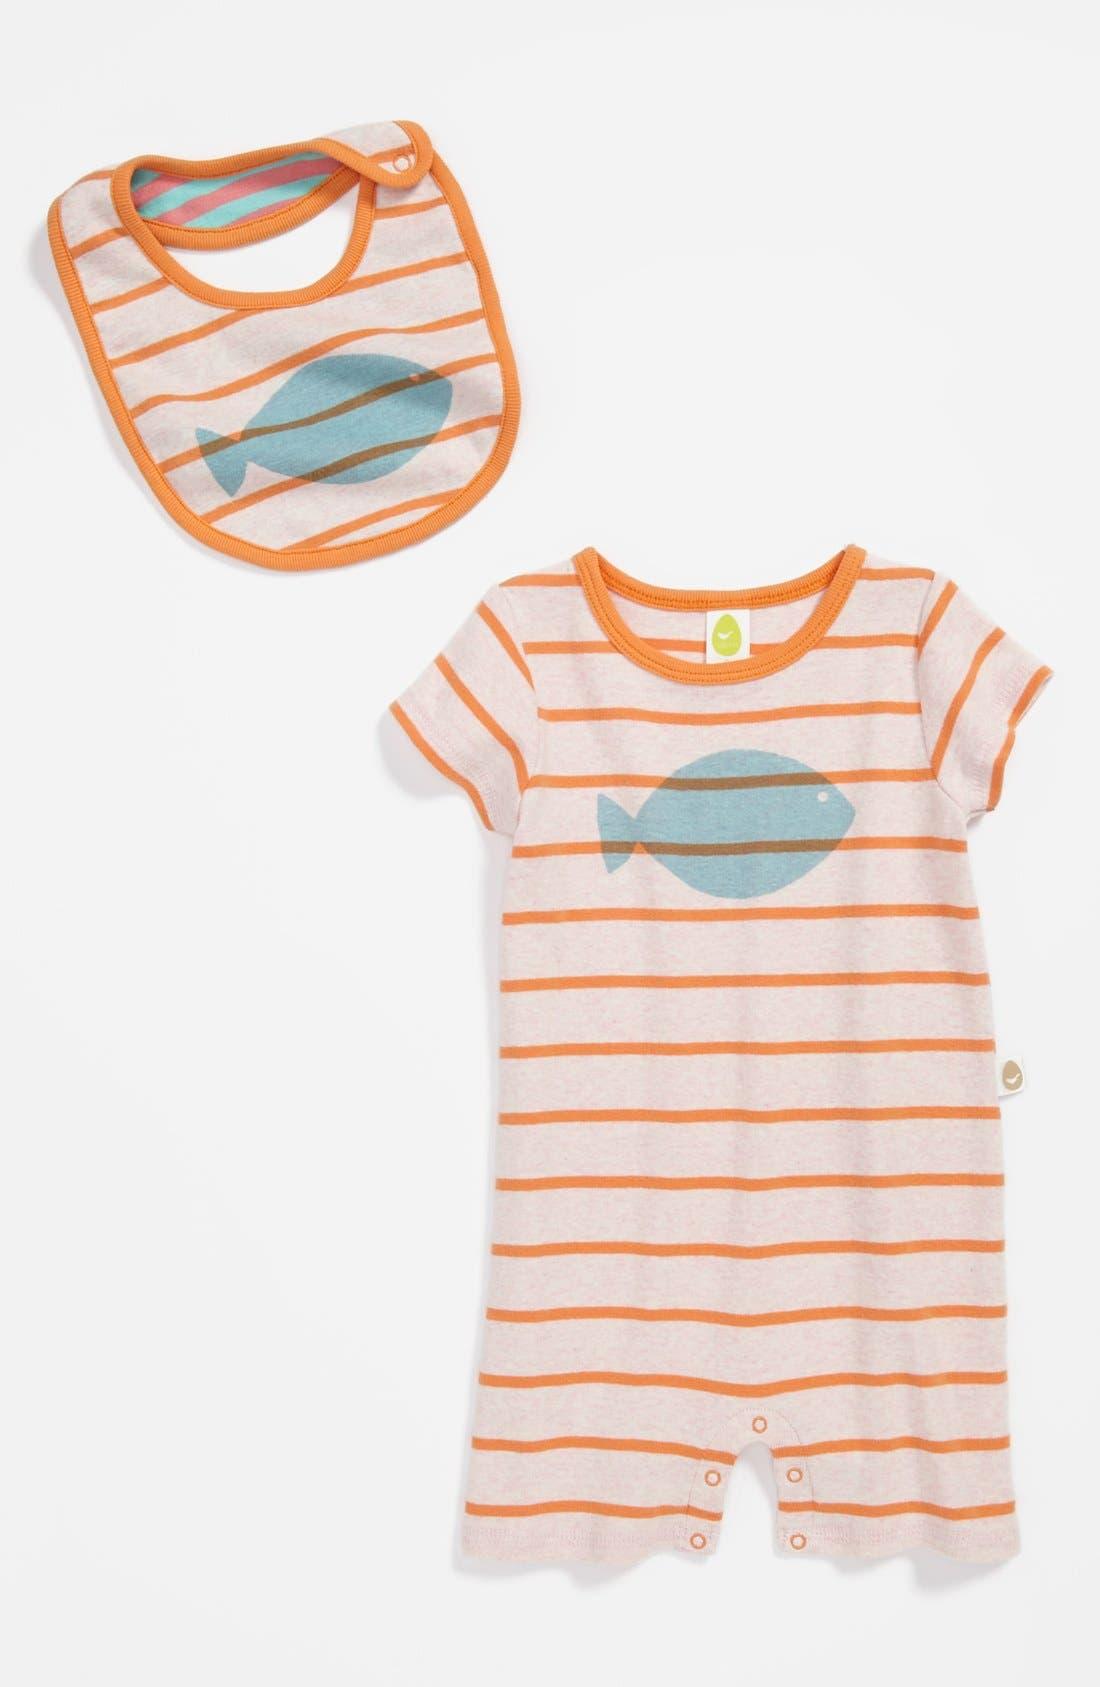 Main Image - Stem Baby Organic Cotton Romper & Bib (Baby)